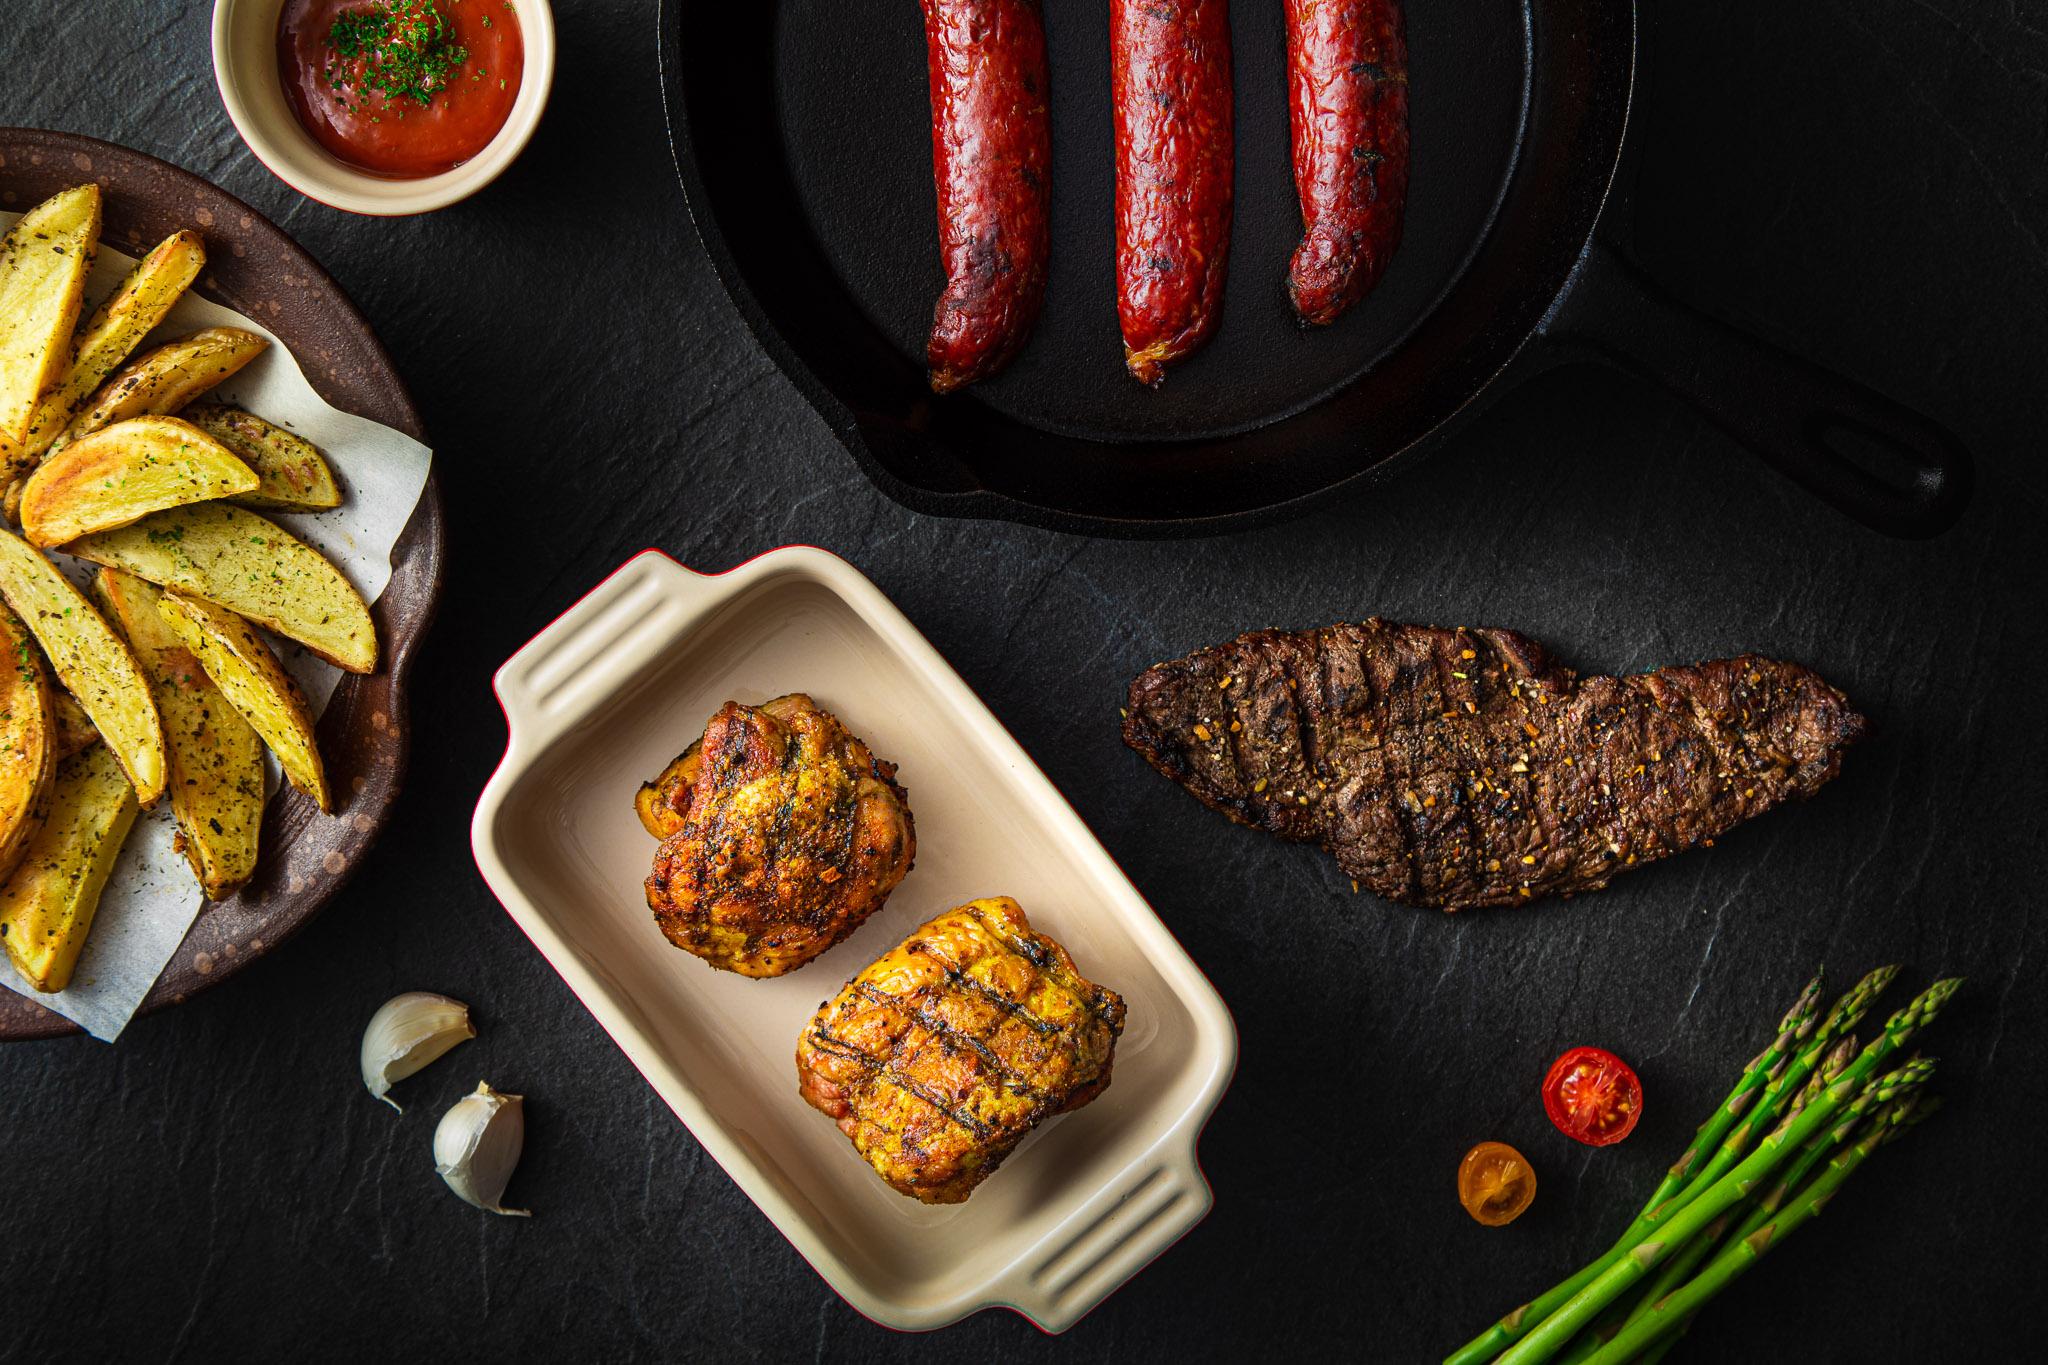 Studio Photography: Food & Product Image 1